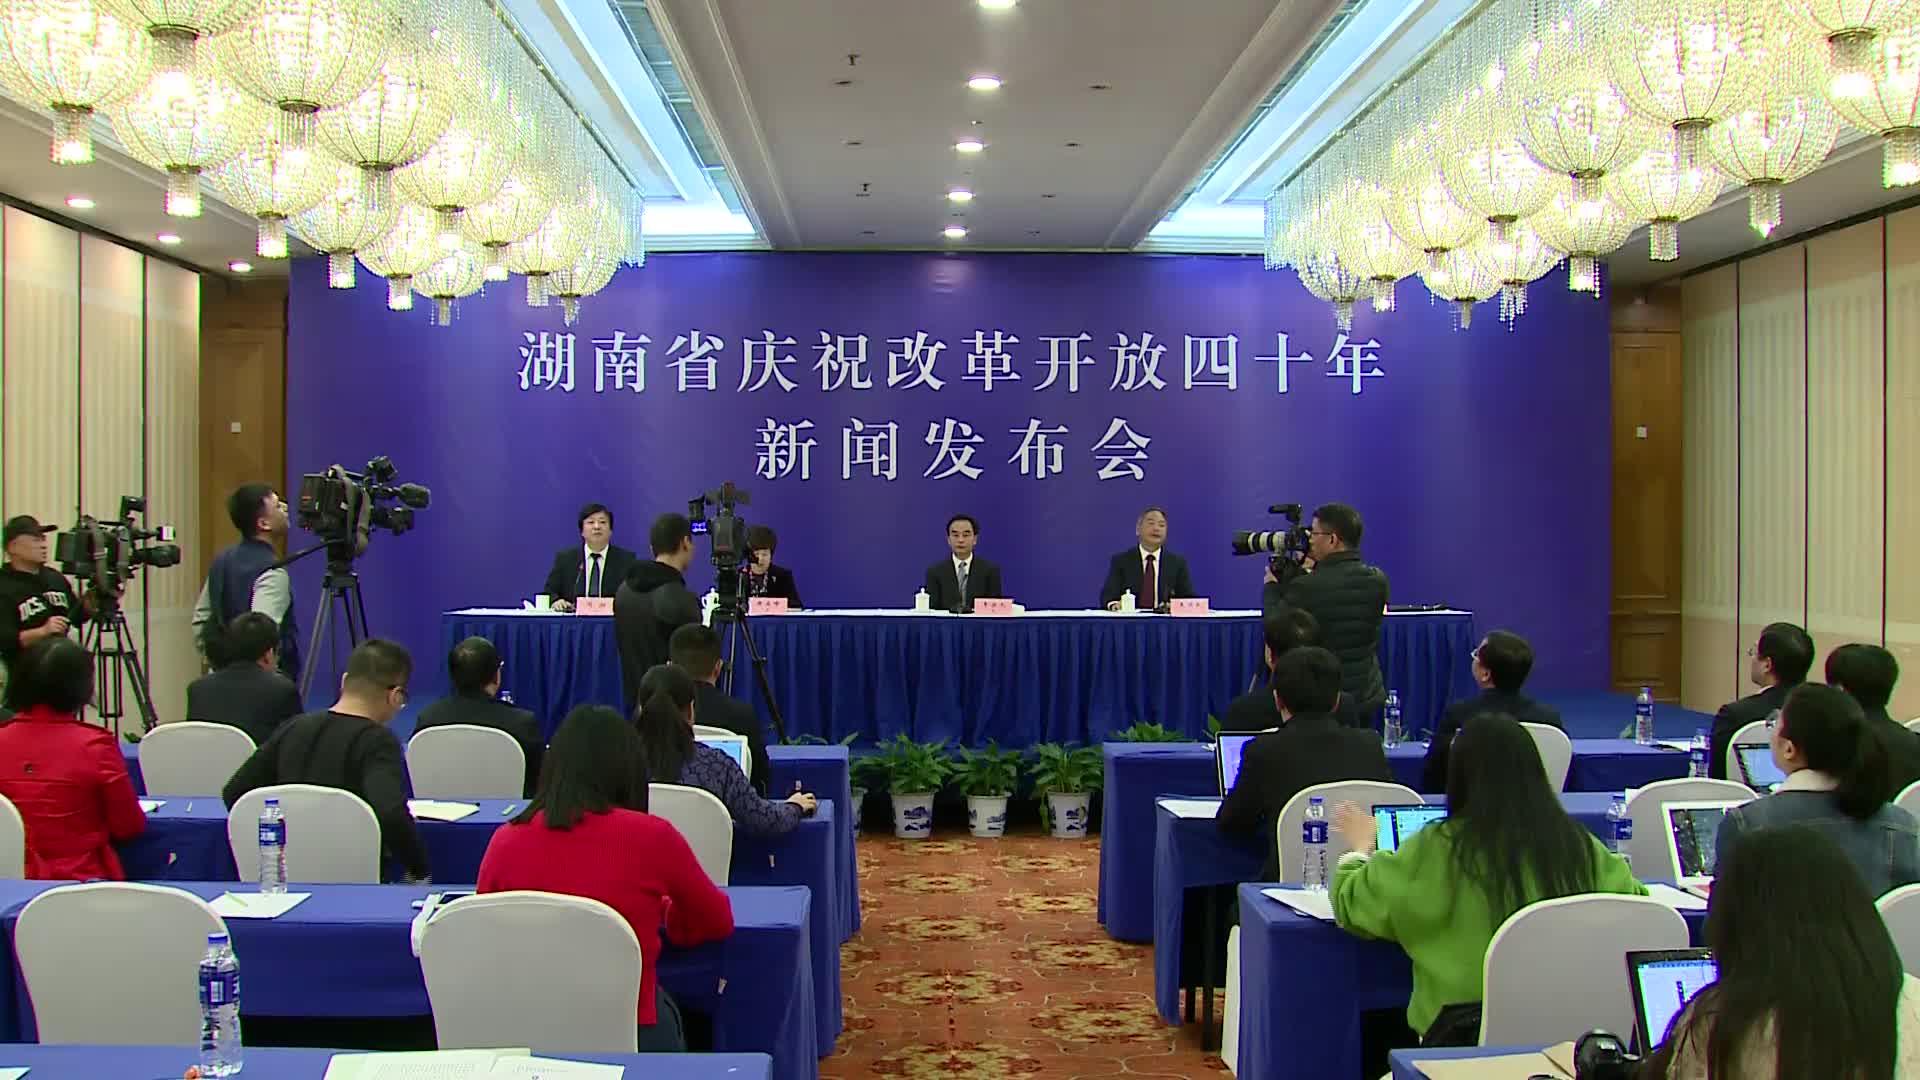 【全程回放】湖南省庆祝改革开放四十年新闻发布会:改革开放40年来全省党风廉政建设和反腐败工作成就